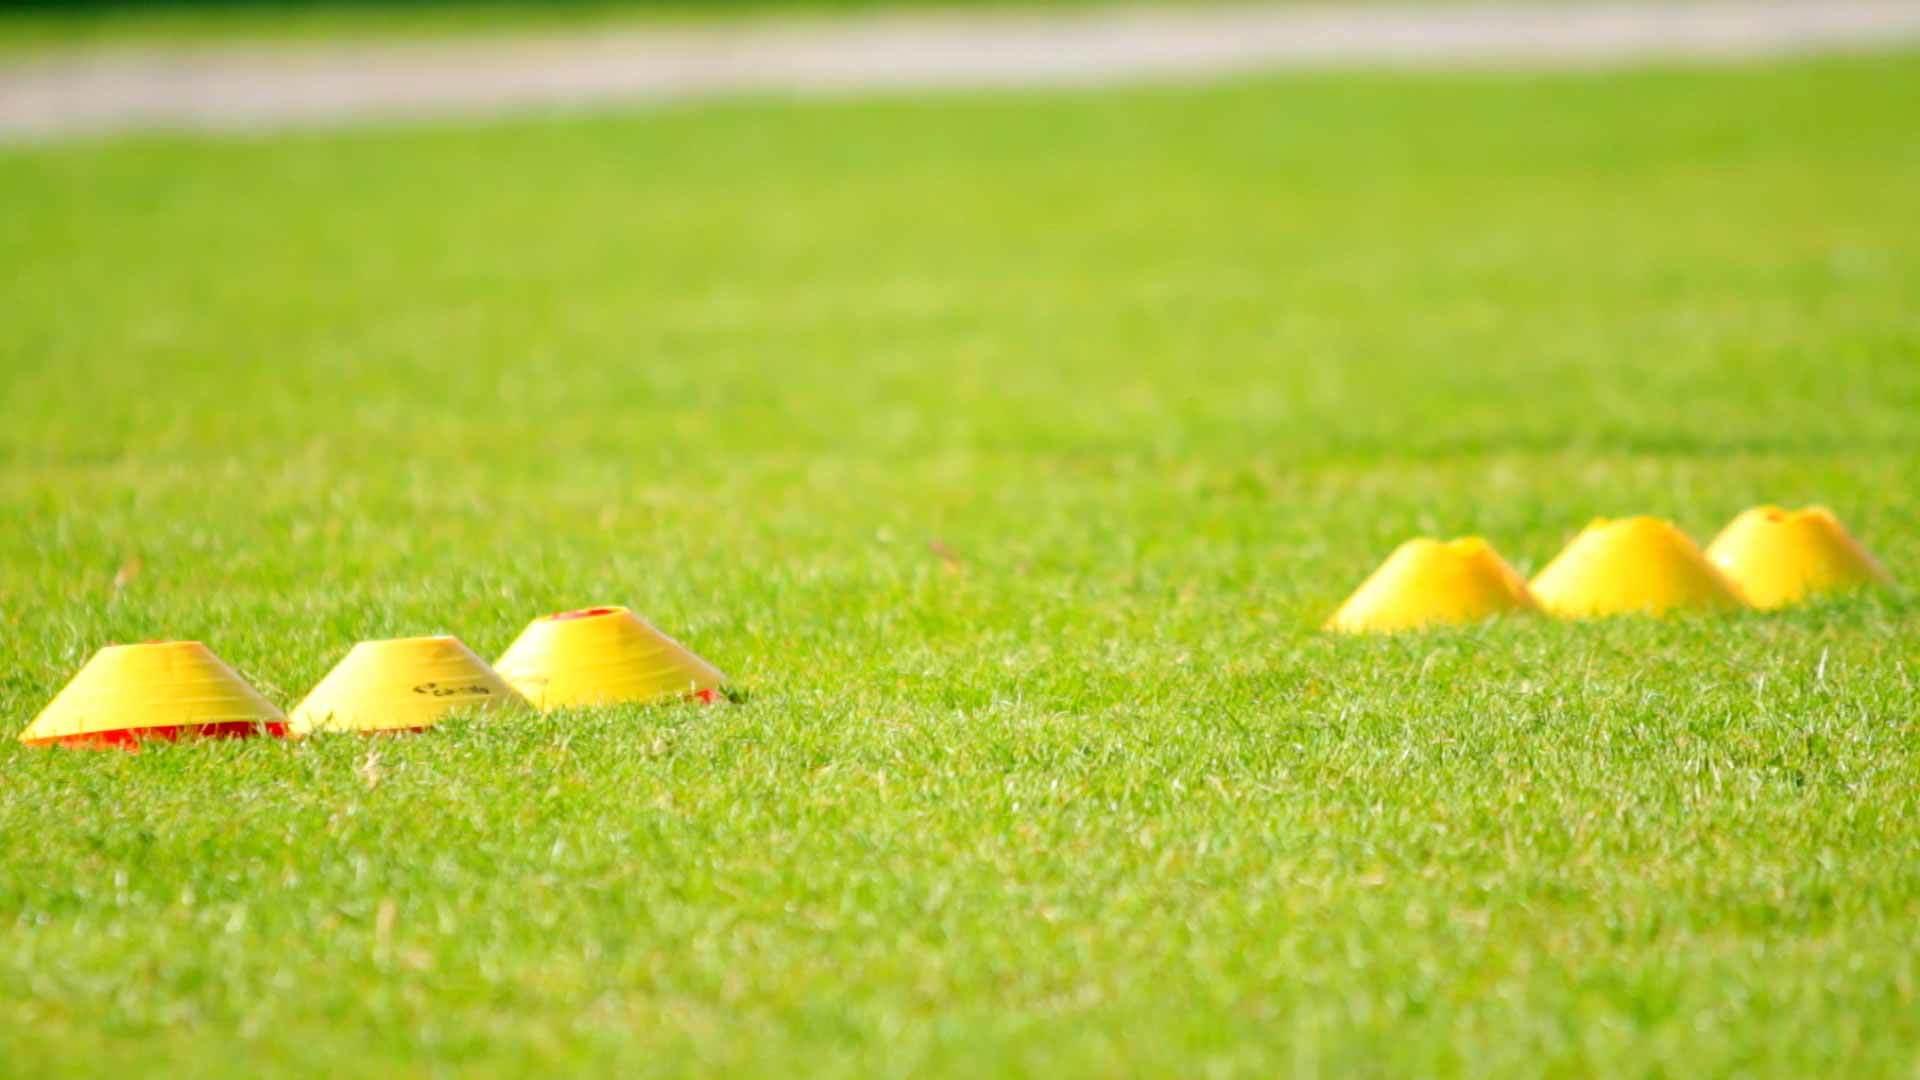 Trainervorlagen Spielfeldvorlagen, Beurteilungsbögen und Trainingsplanung